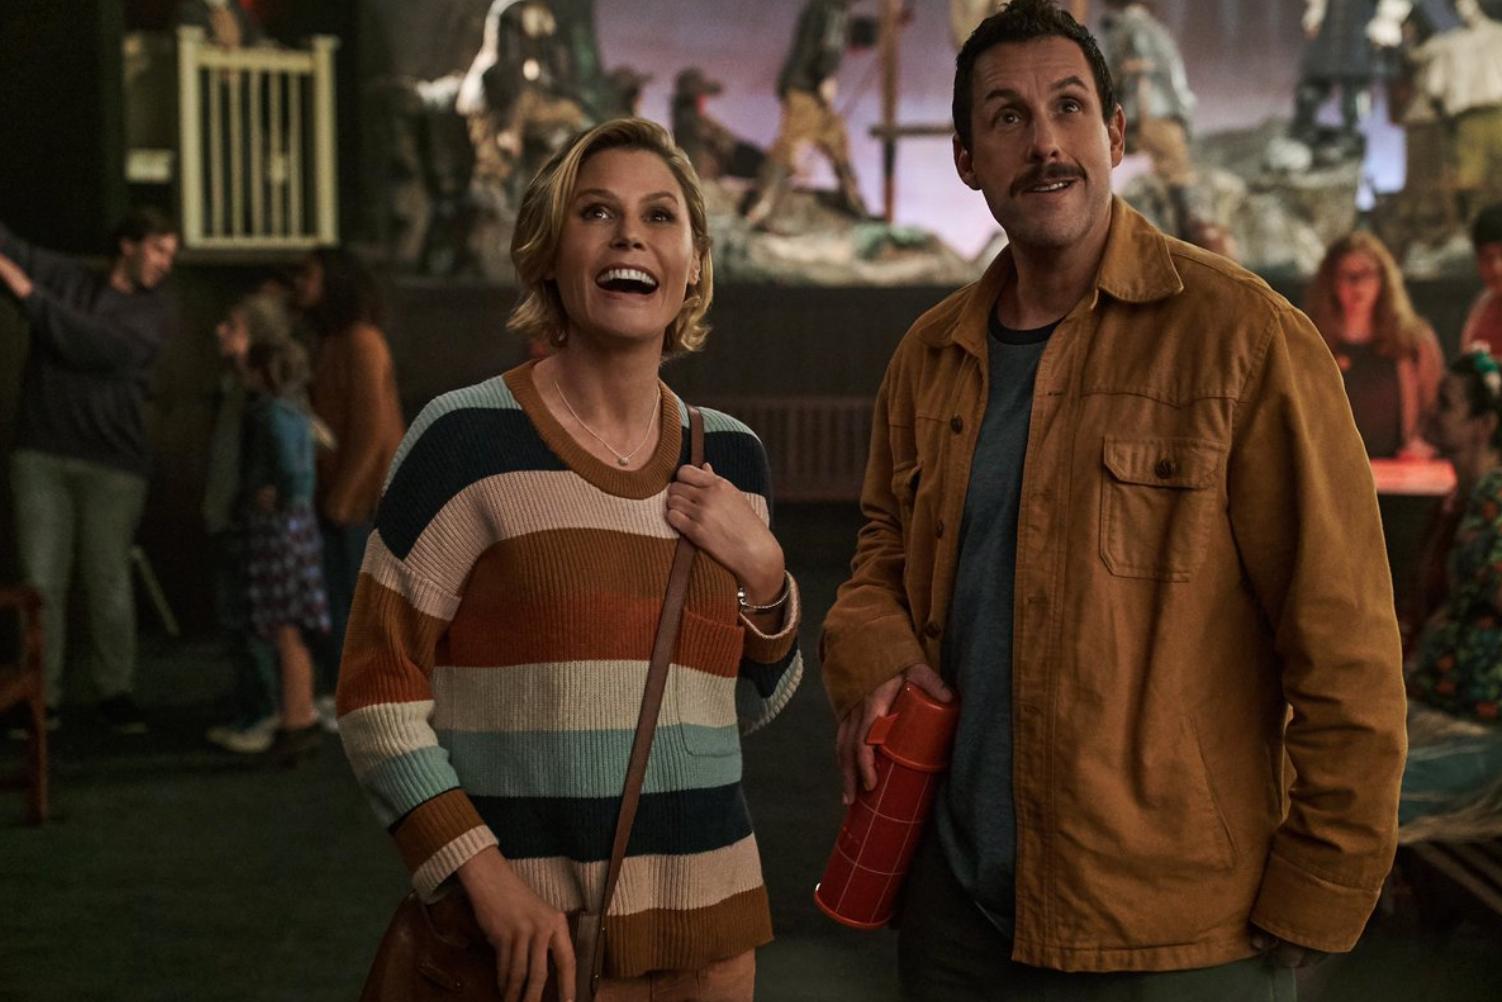 Adam Sandler's Hubie Halloween Gets Netflix Release Date, New Images | Collider